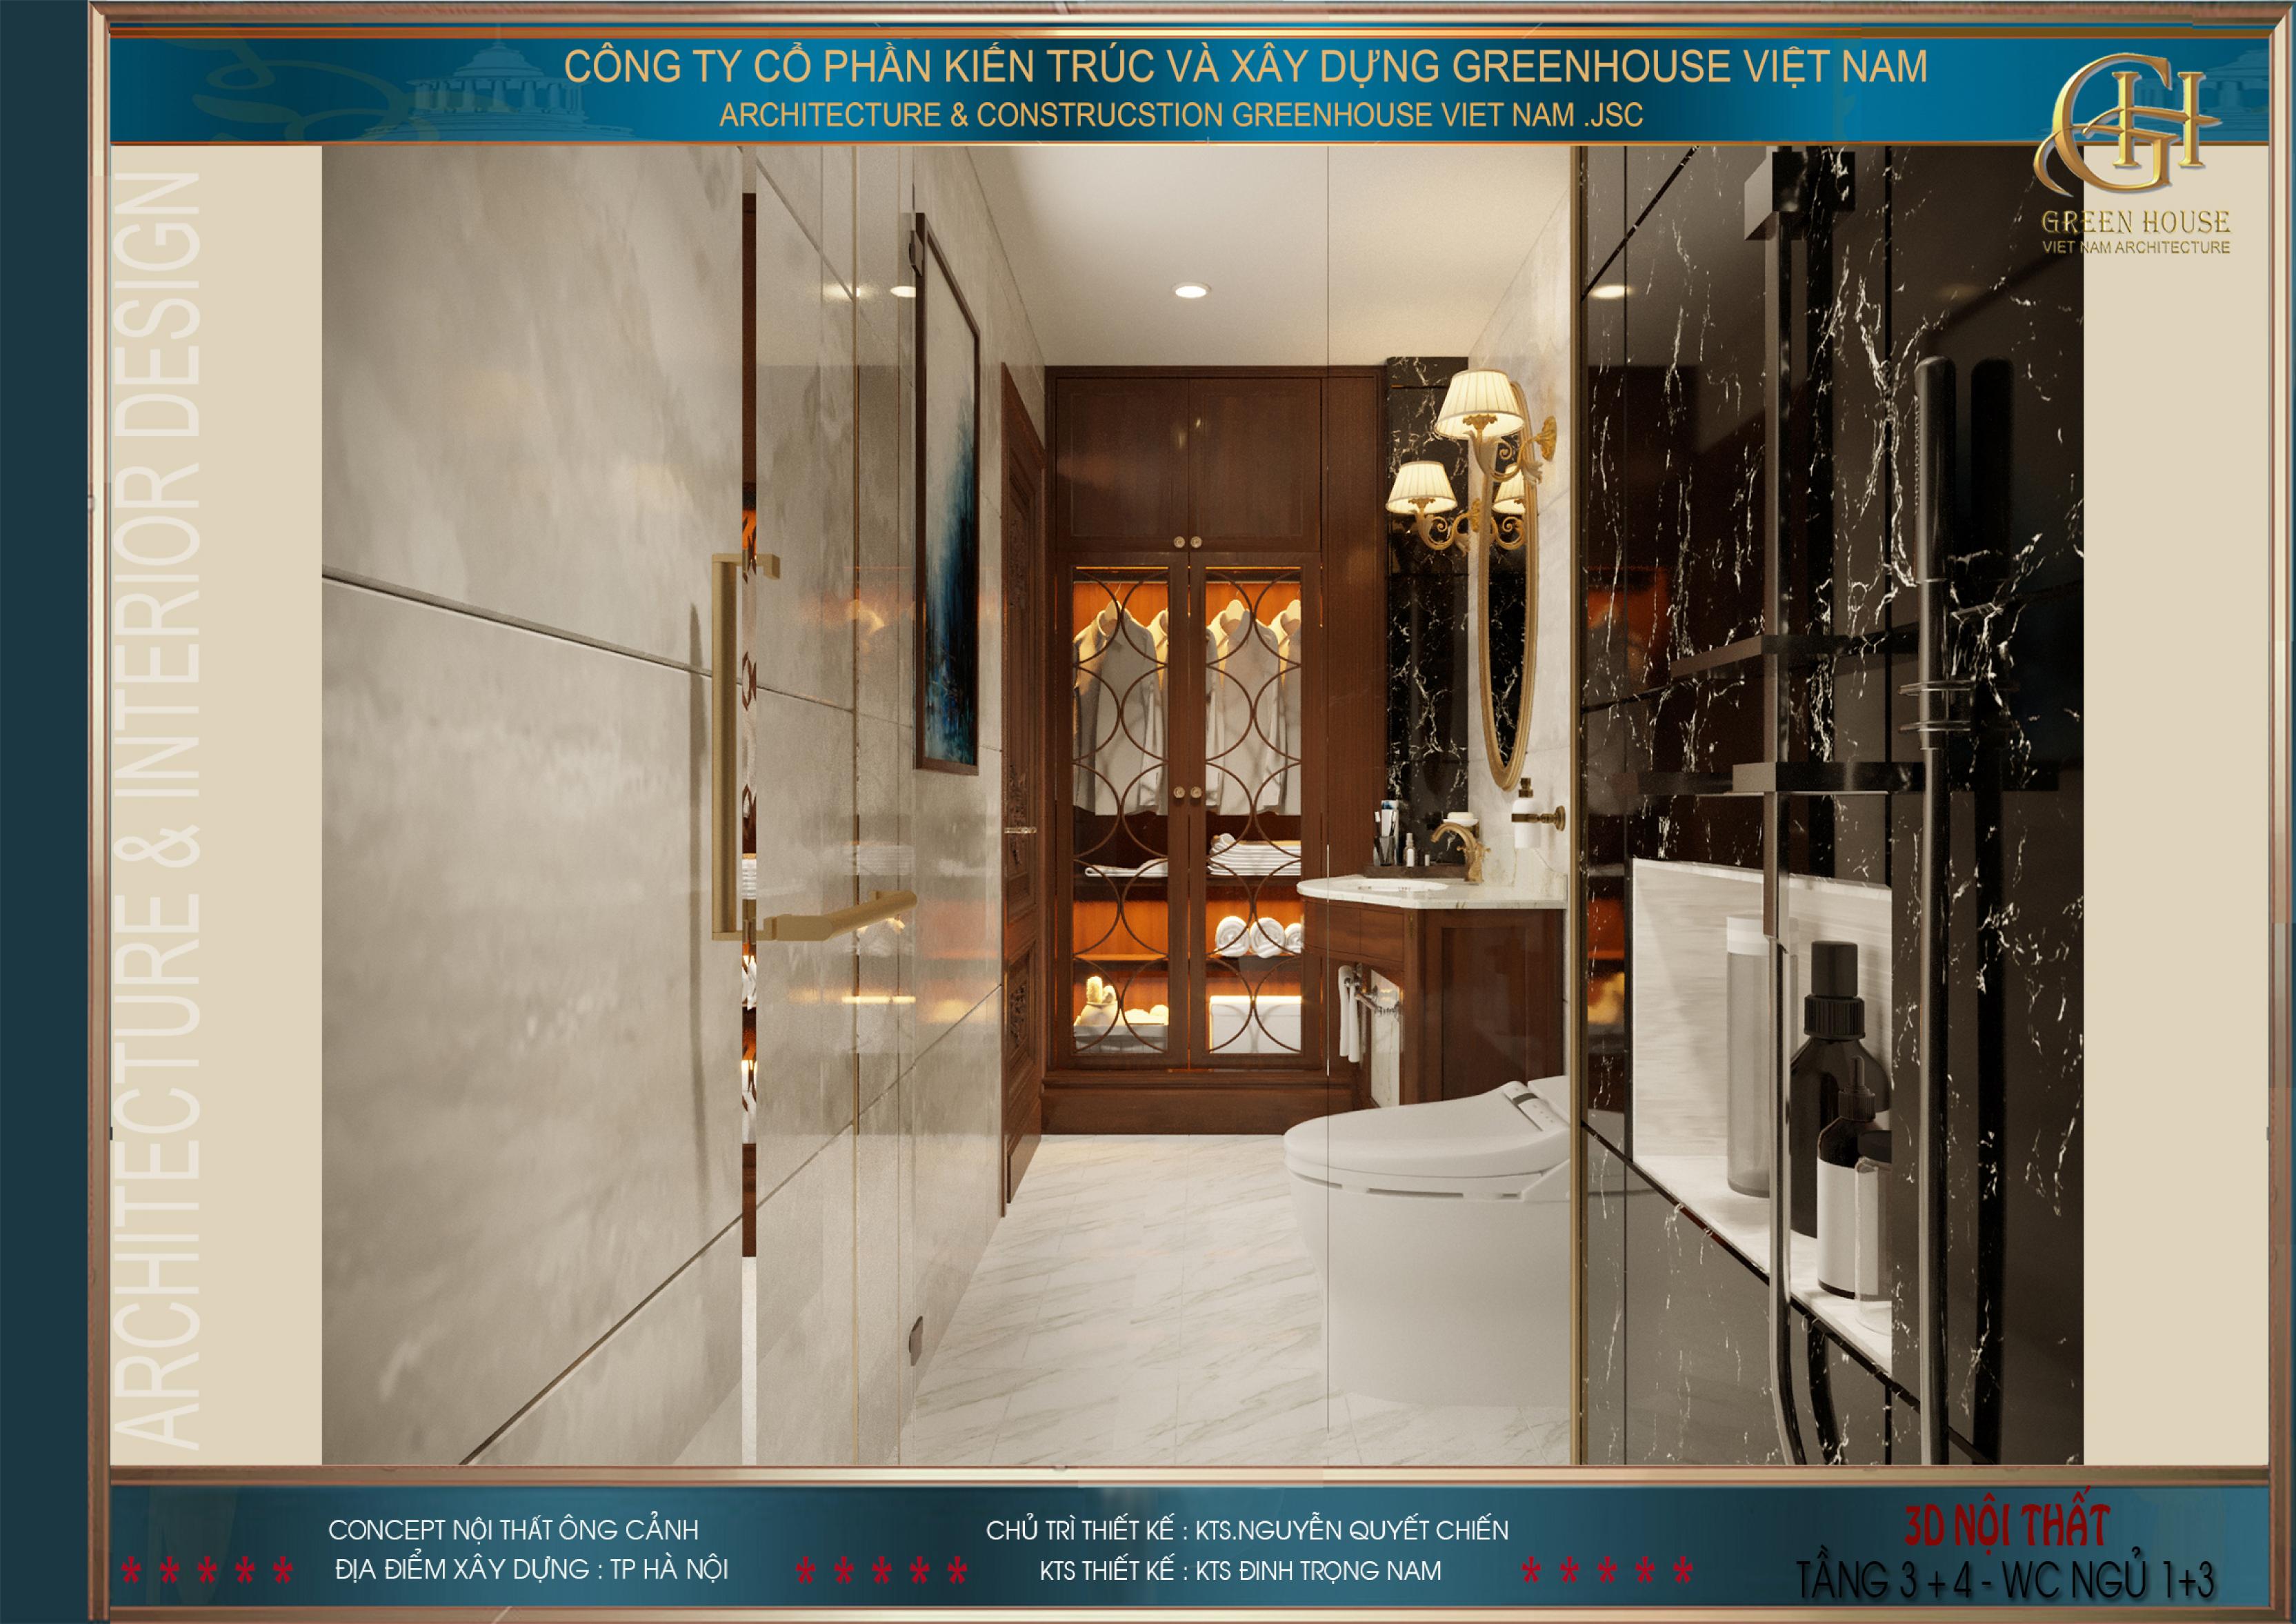 Phòng tắm của phòng ngủ tầng 3 sang trọng với tấm gạch lát màu đen